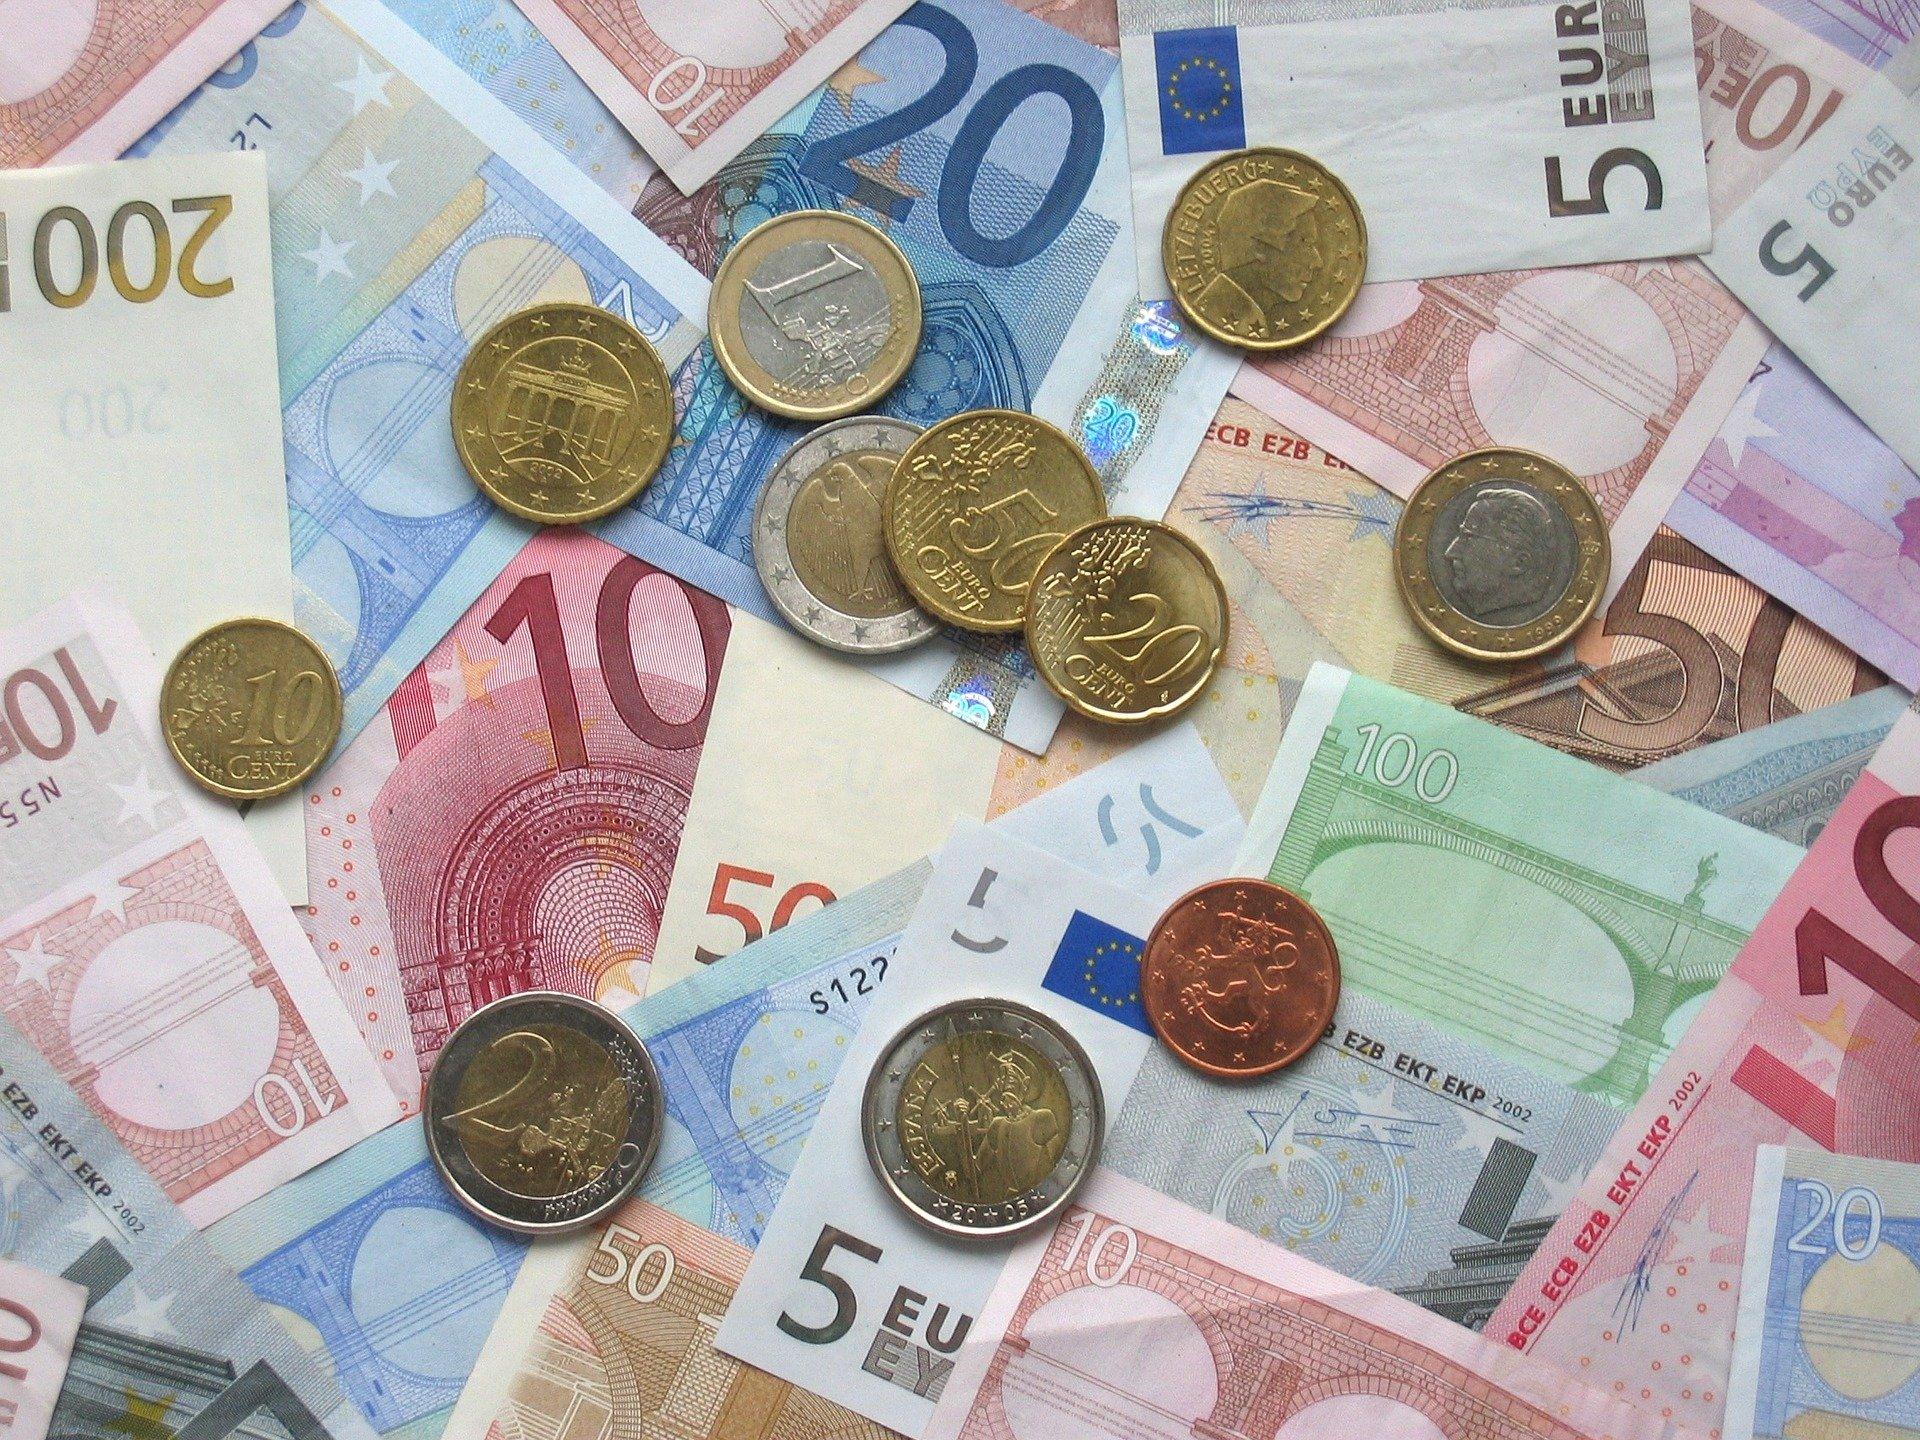 En 2020 prescriben las deudas generadas entre 2005 y 2015 tras la modificación del artículo 1964 del Código Civil